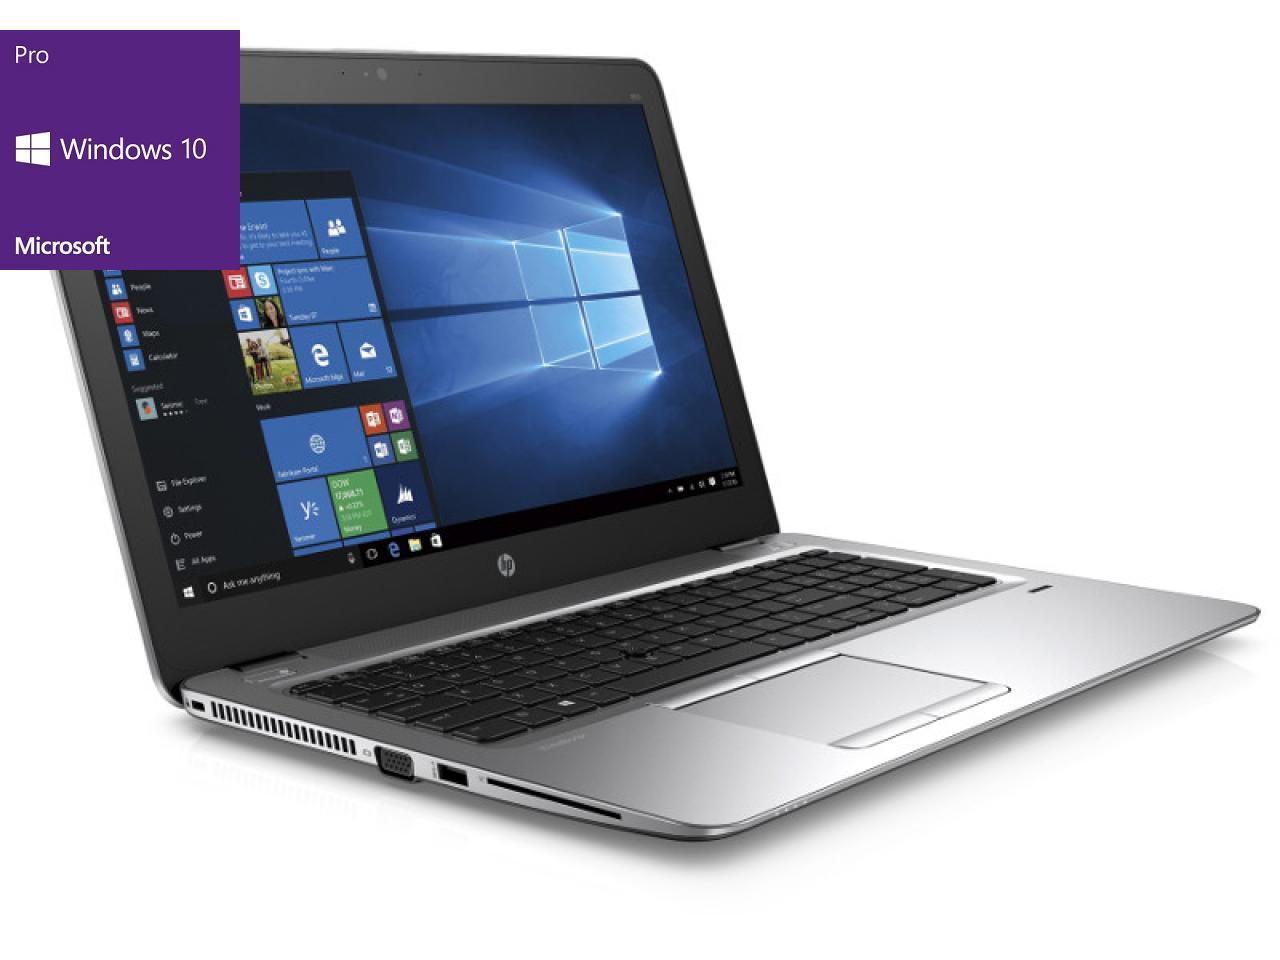 Hewlett Packard EliteBook 850 G3  - shop.bb-net.de